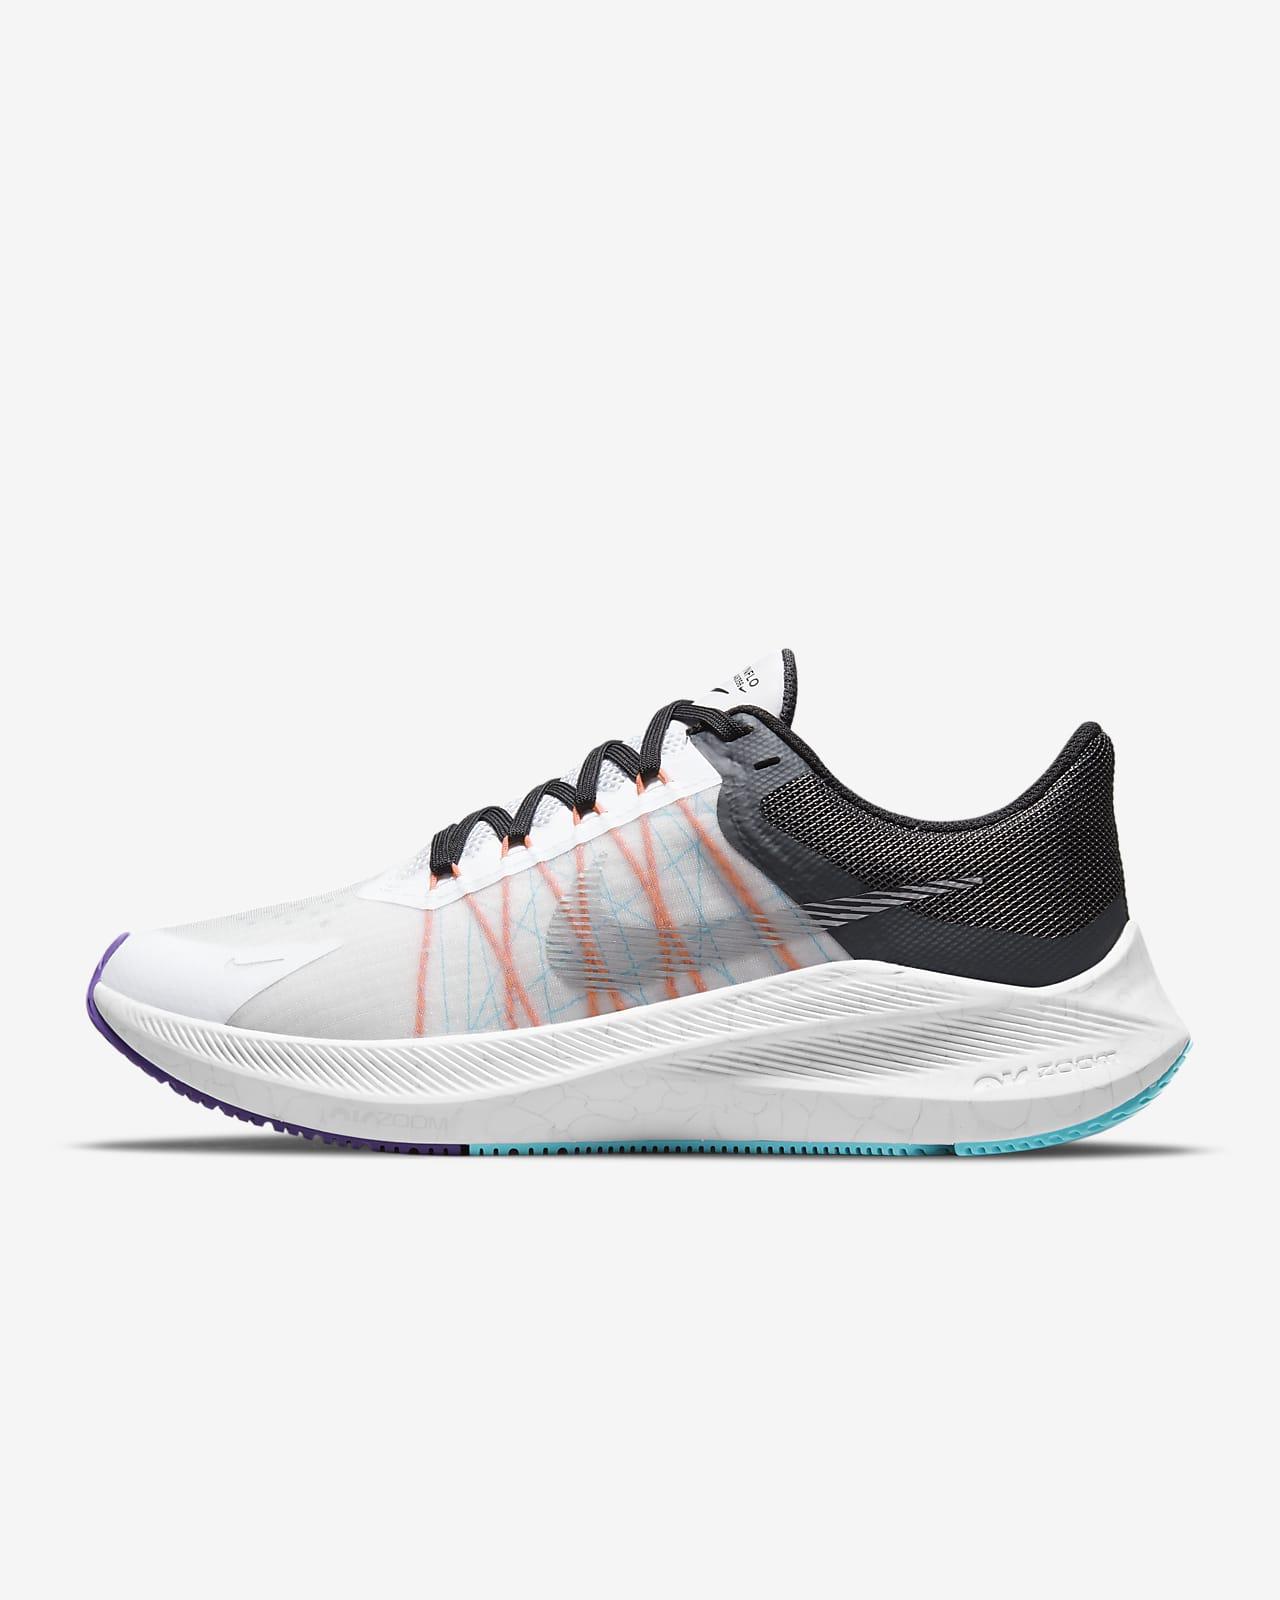 Nike Winflo 8 Women's Running Shoes